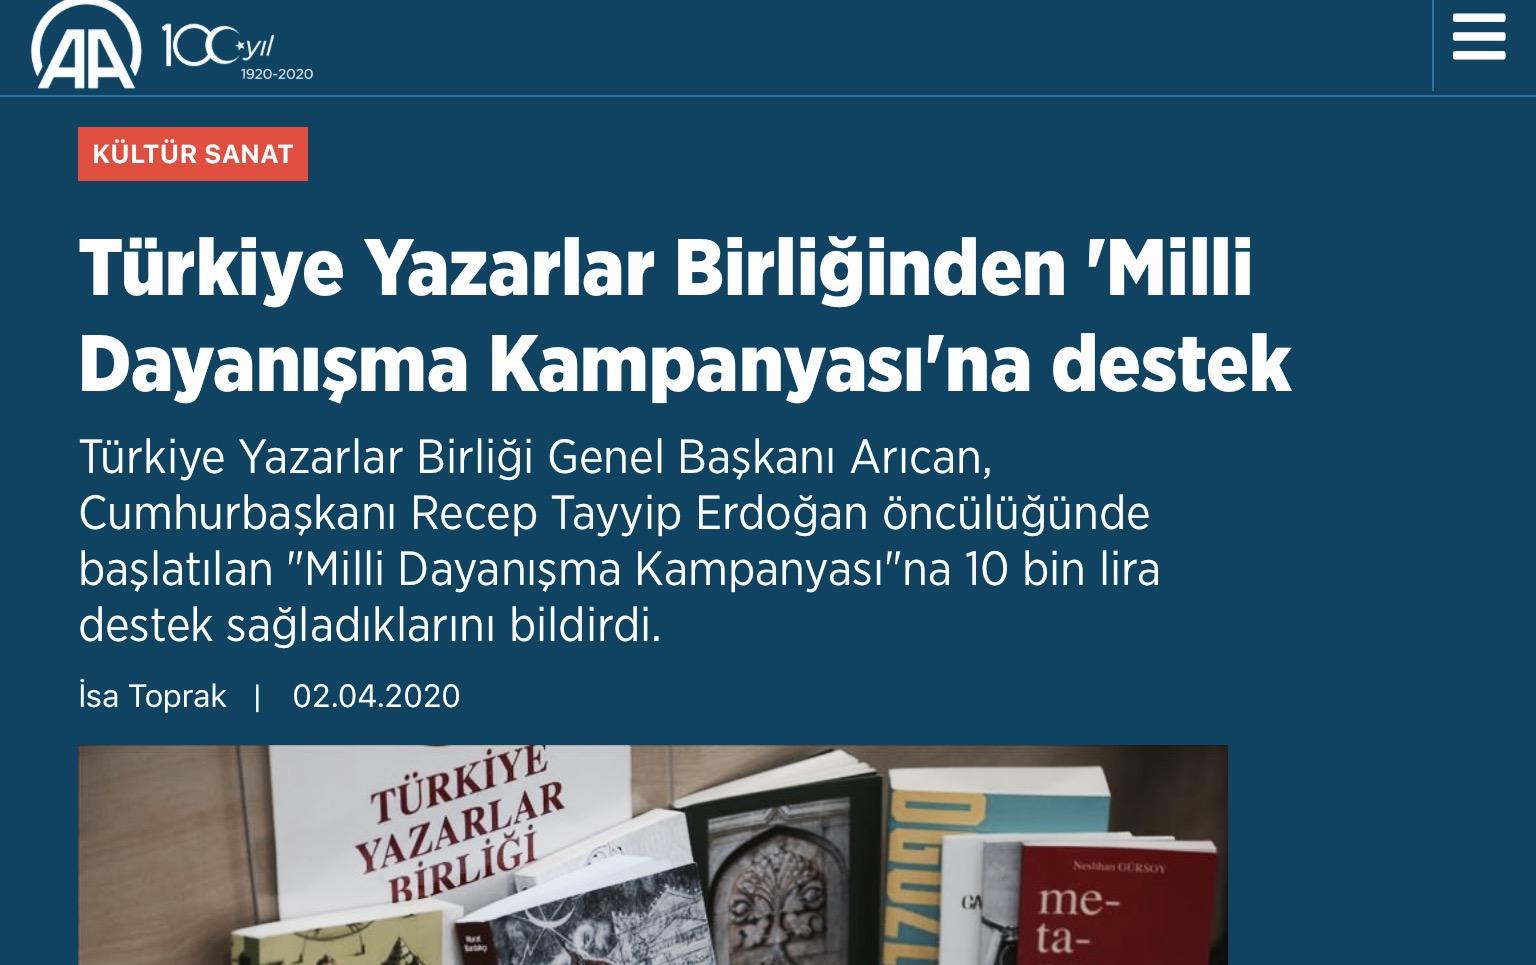 Türkiye Yazarlar Birliğinden 'Milli Dayanışma Kampanyası'na destek